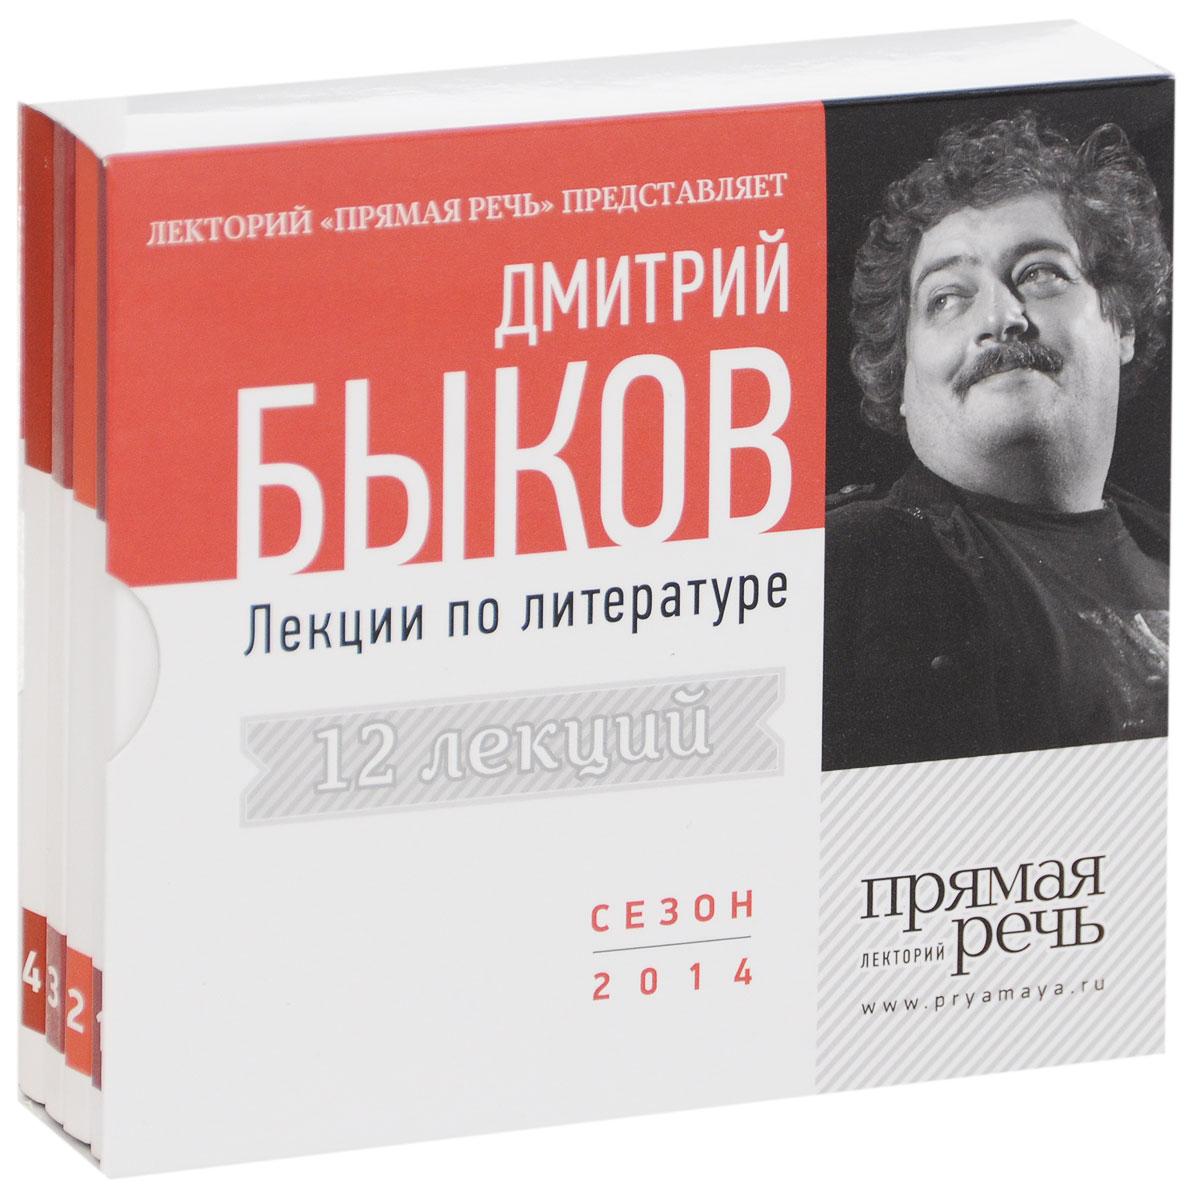 Дмитрий Быков. Лекции по литературе (аудиокнига на 4 CD)